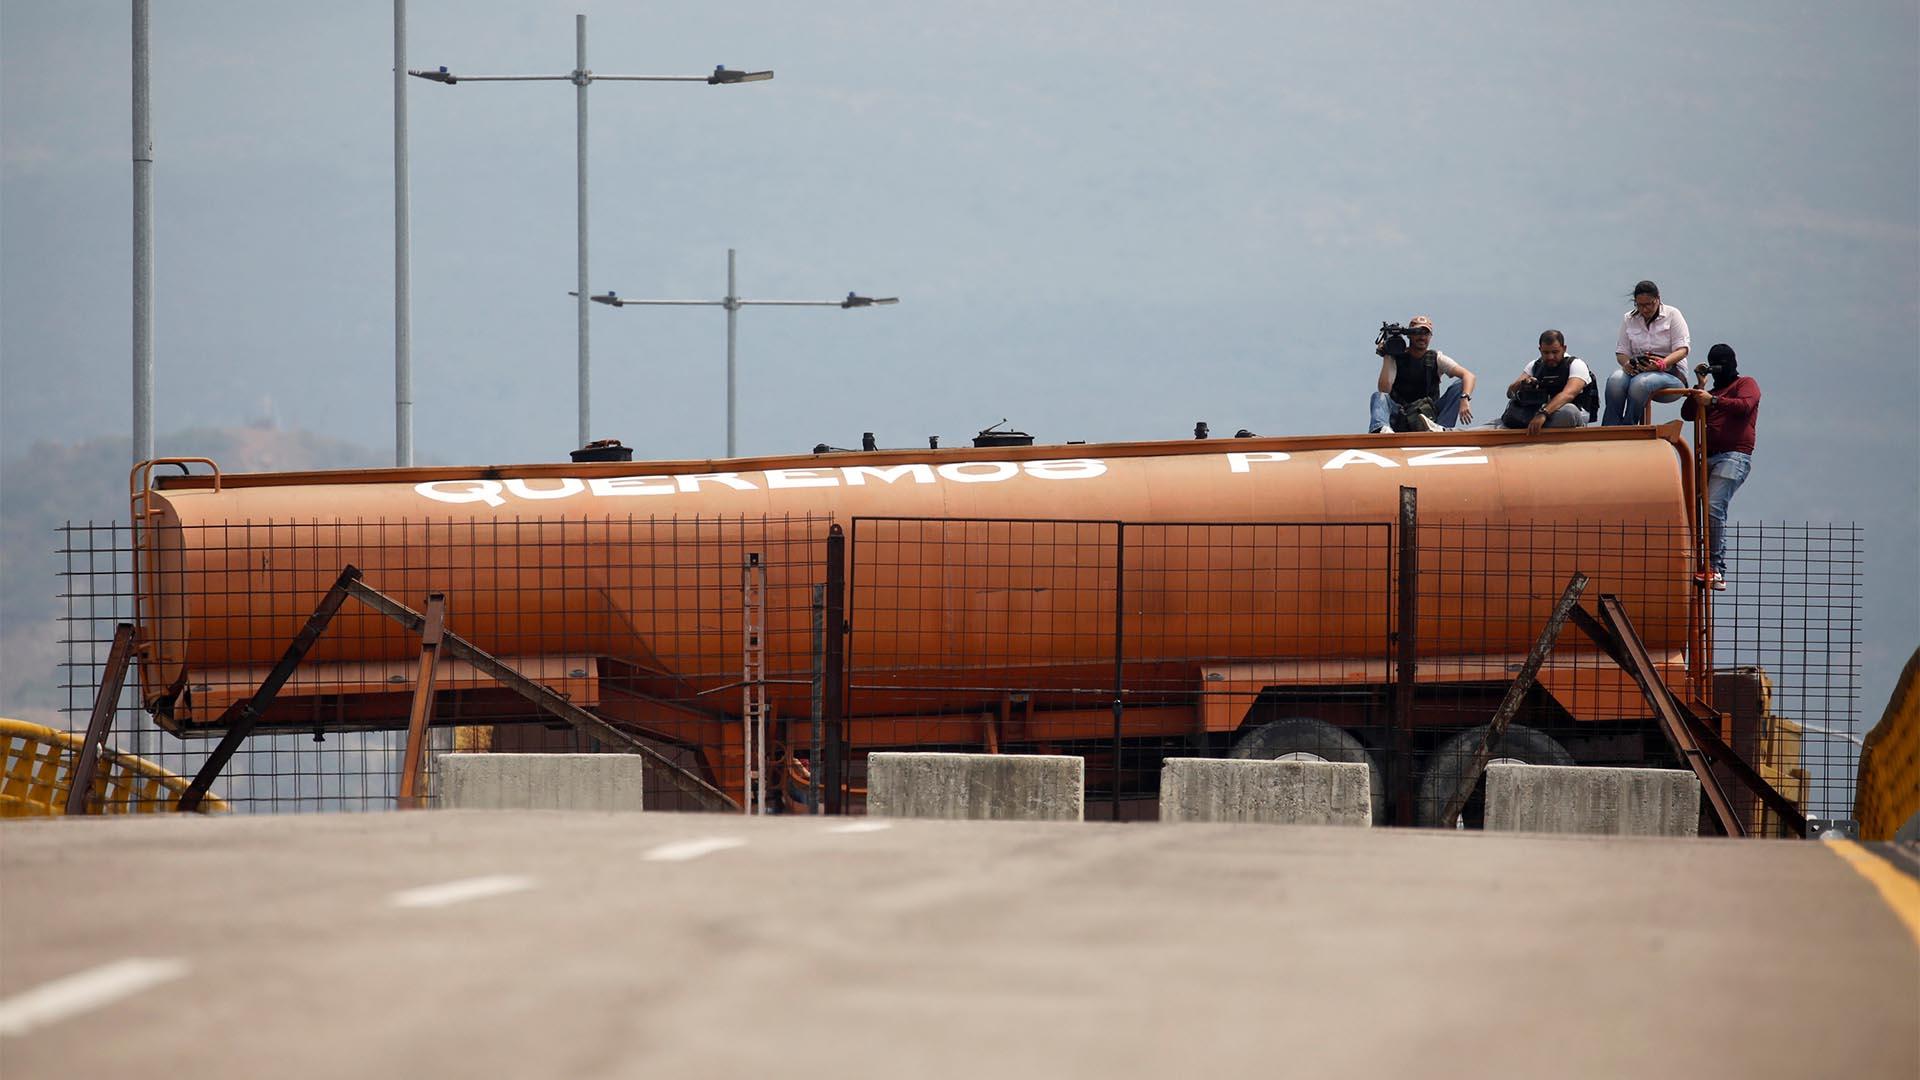 Un remolque cisterna bloquea el puente Tienditas en la frontera entre Colombia y Venezuela se ve desde las afueras de Cúcuta (Reuters)